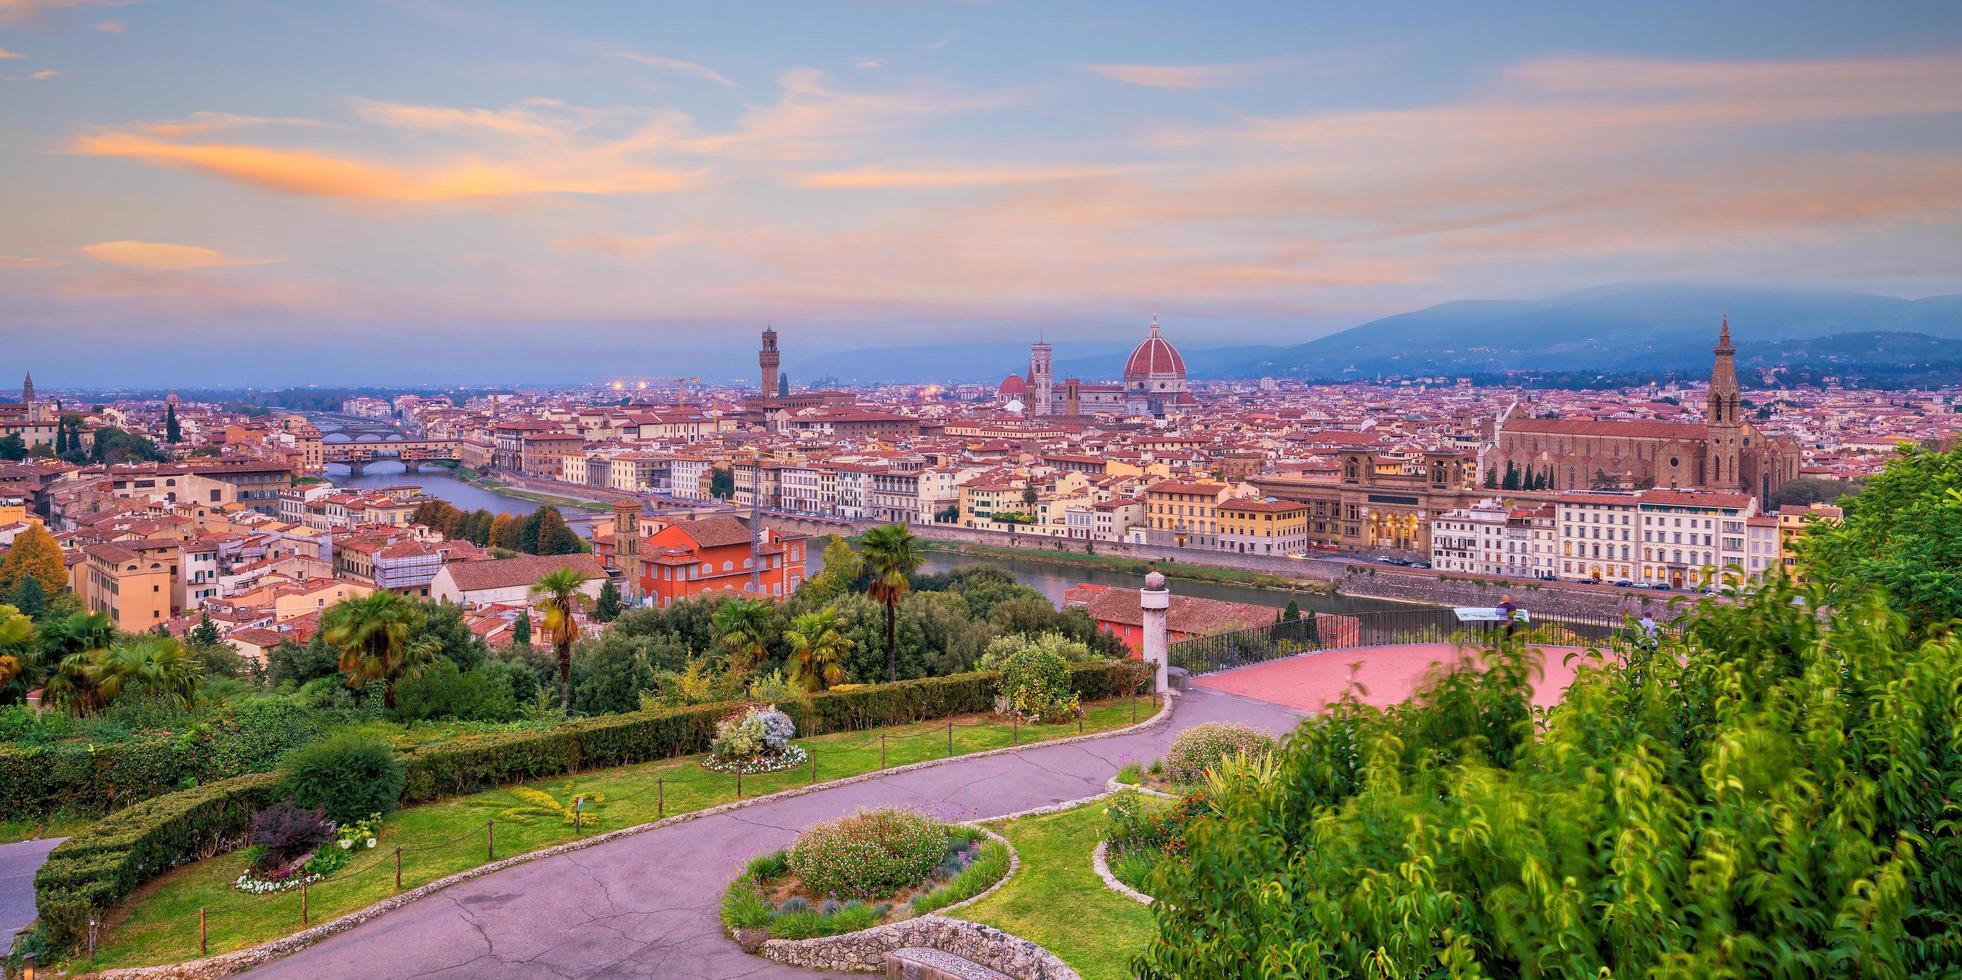 Vue sur les toits de la ville de Florence depuis la vue de dessus au coucher du soleil photo